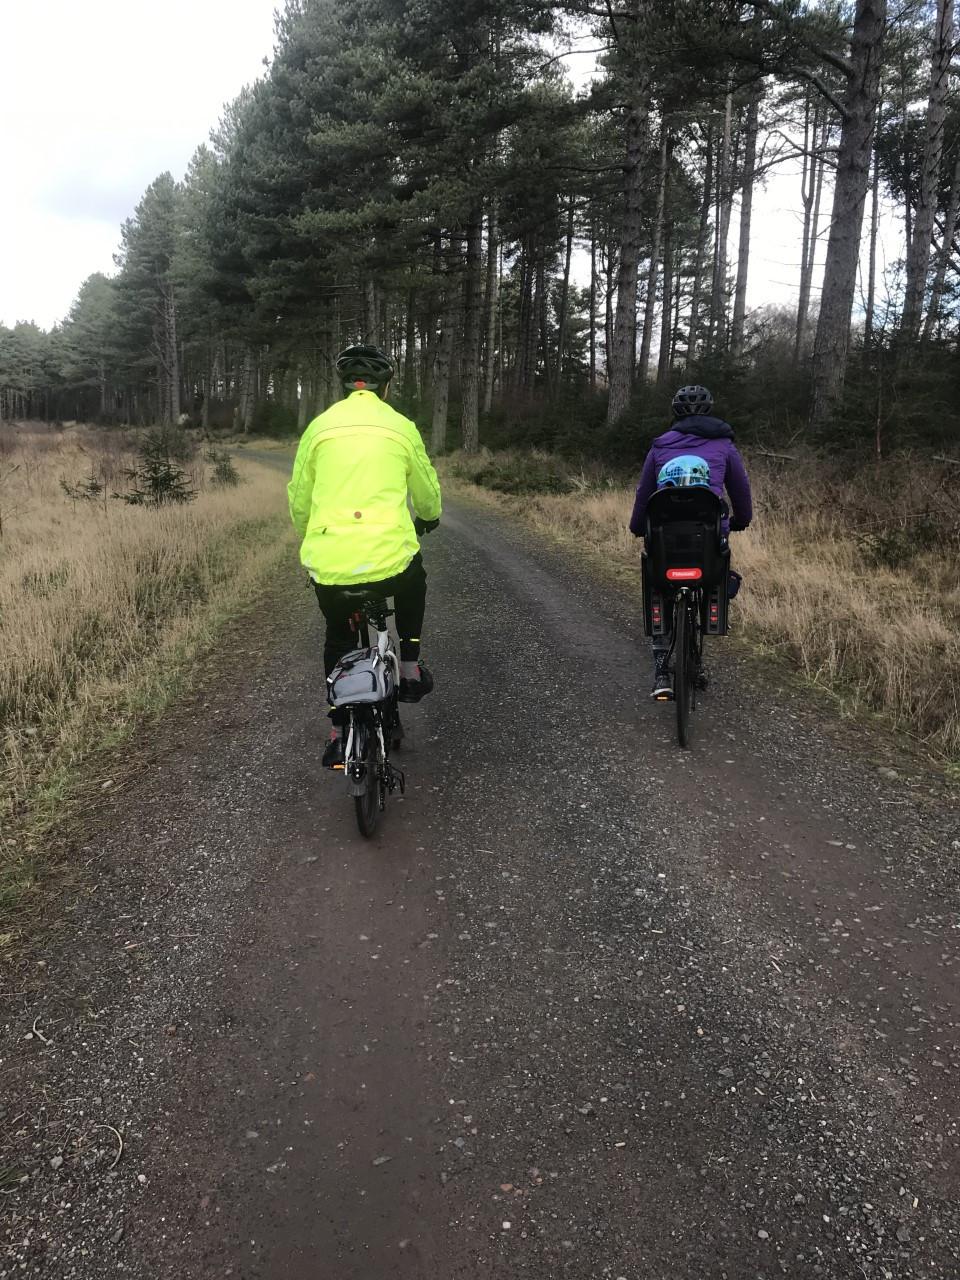 Cycling at Tensmuir